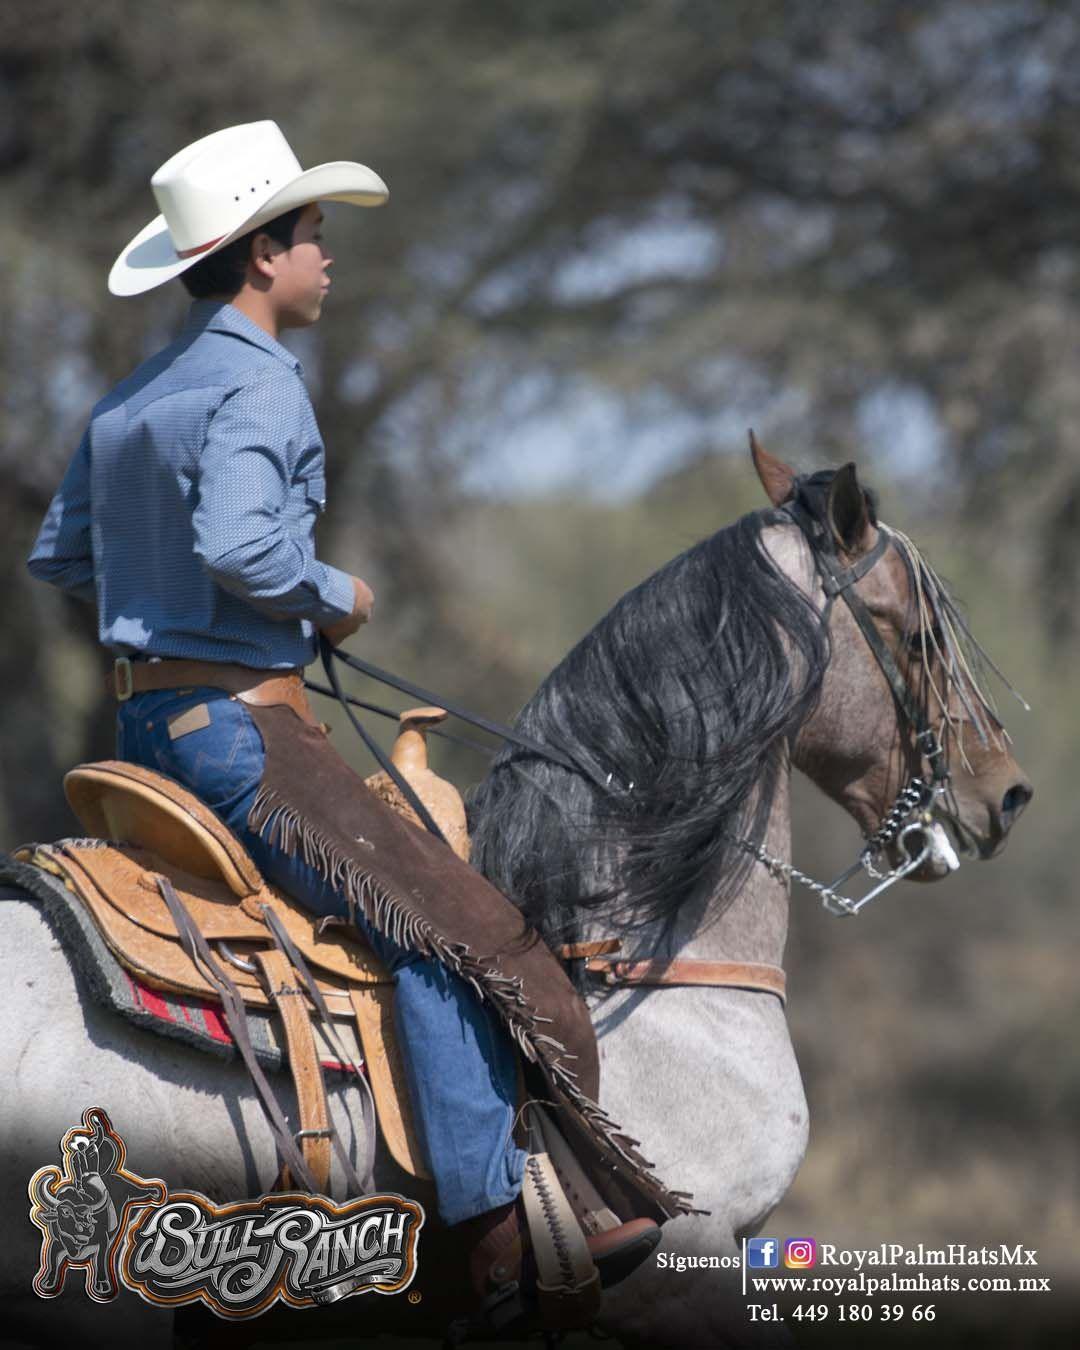 00548efdb4  Vaquero  Sombrero  Rodeo  Charro  Texana  Rancho  Carreras  GallosACaballo